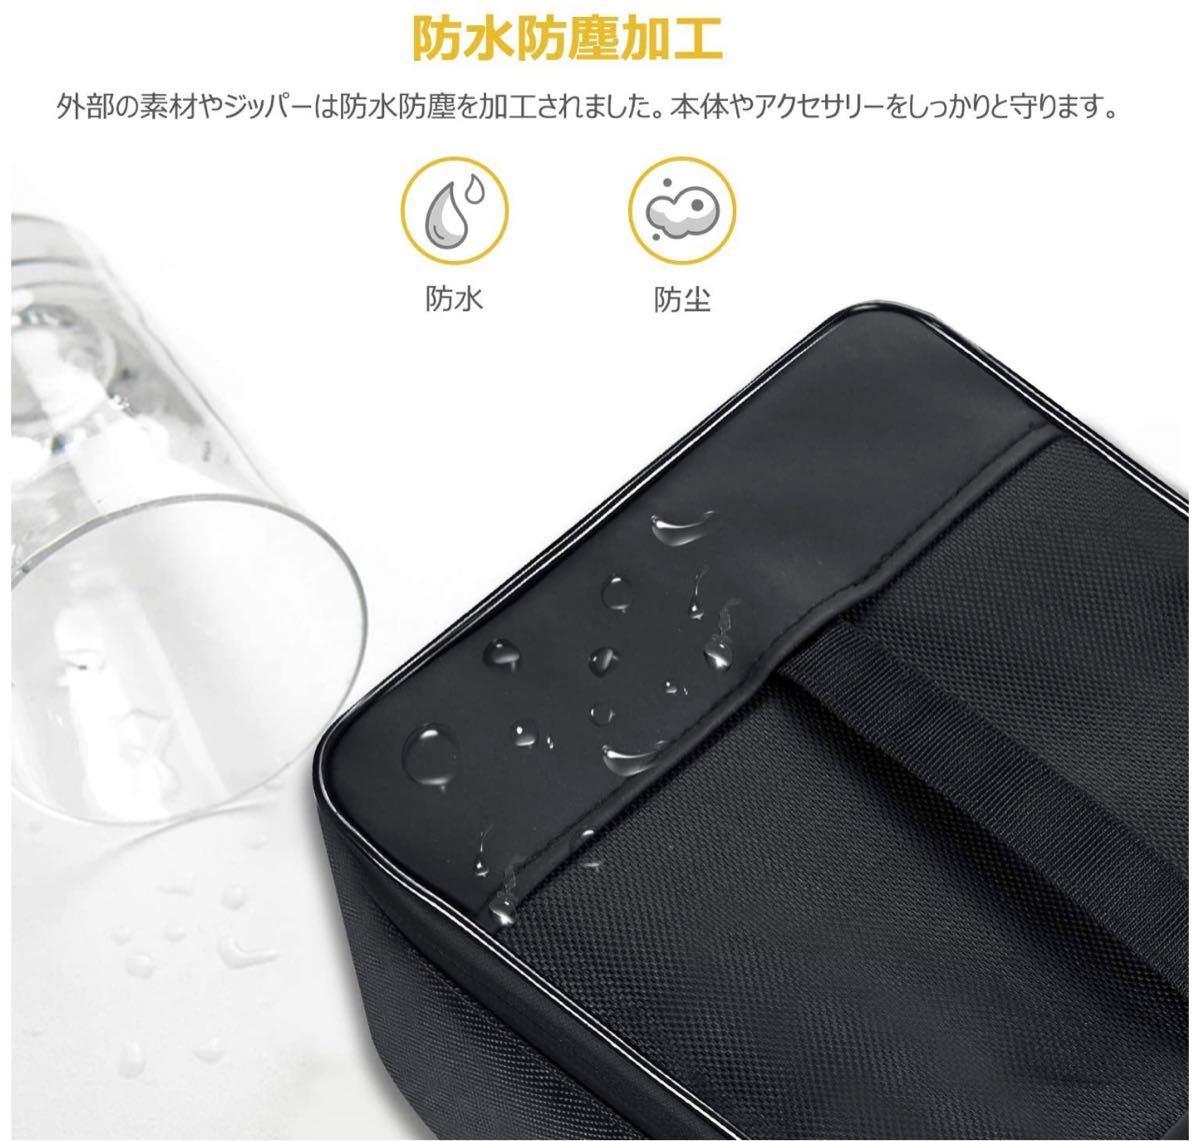 スイッチ ケース BEBONCOOL Nintendo Switch ケース オールインワン ニンテンドー スイッチ専用 収納